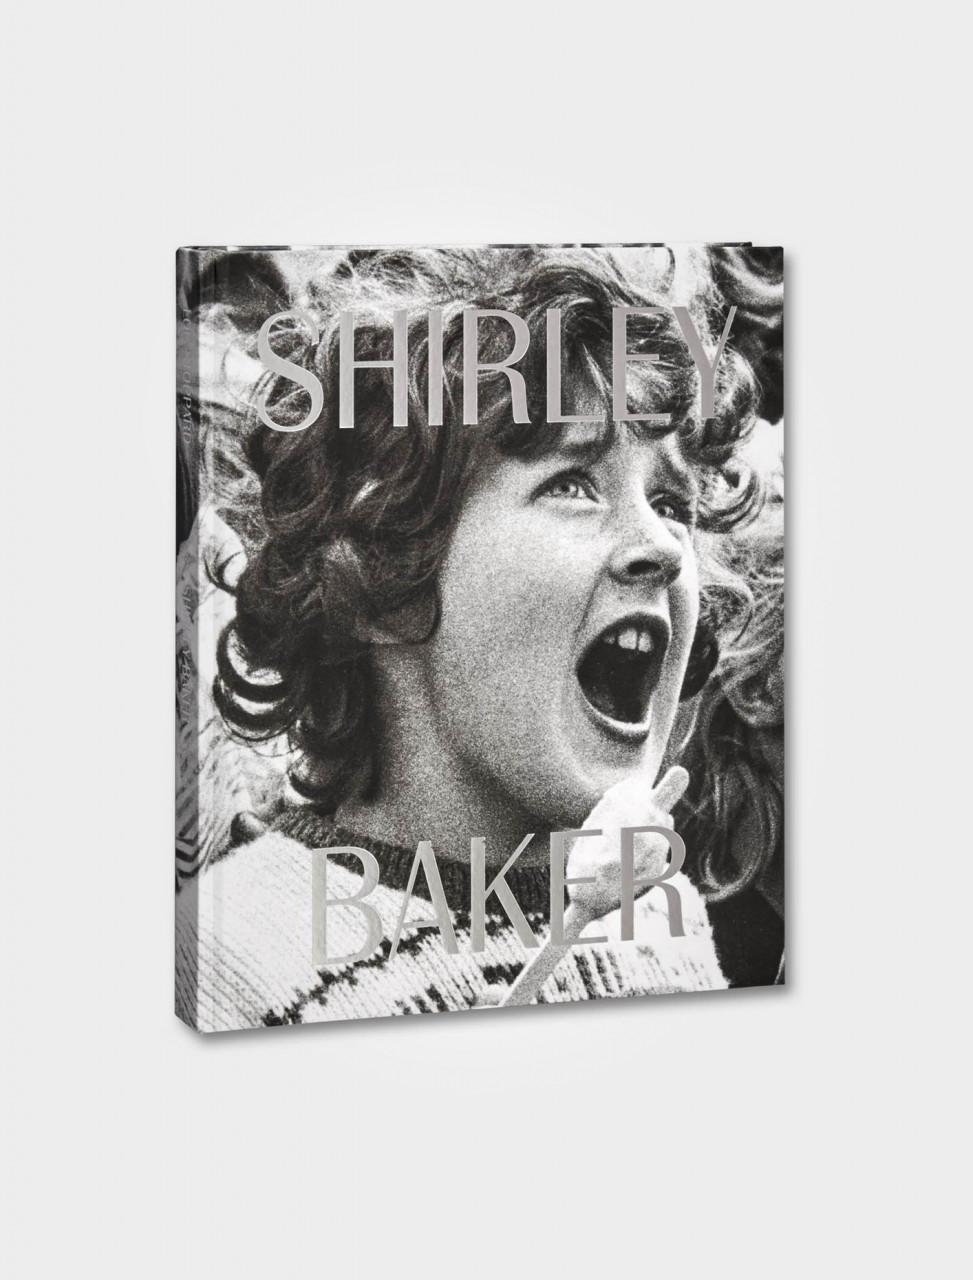 9781912339518 SHIRLEY BAKER LOU STOPPARD